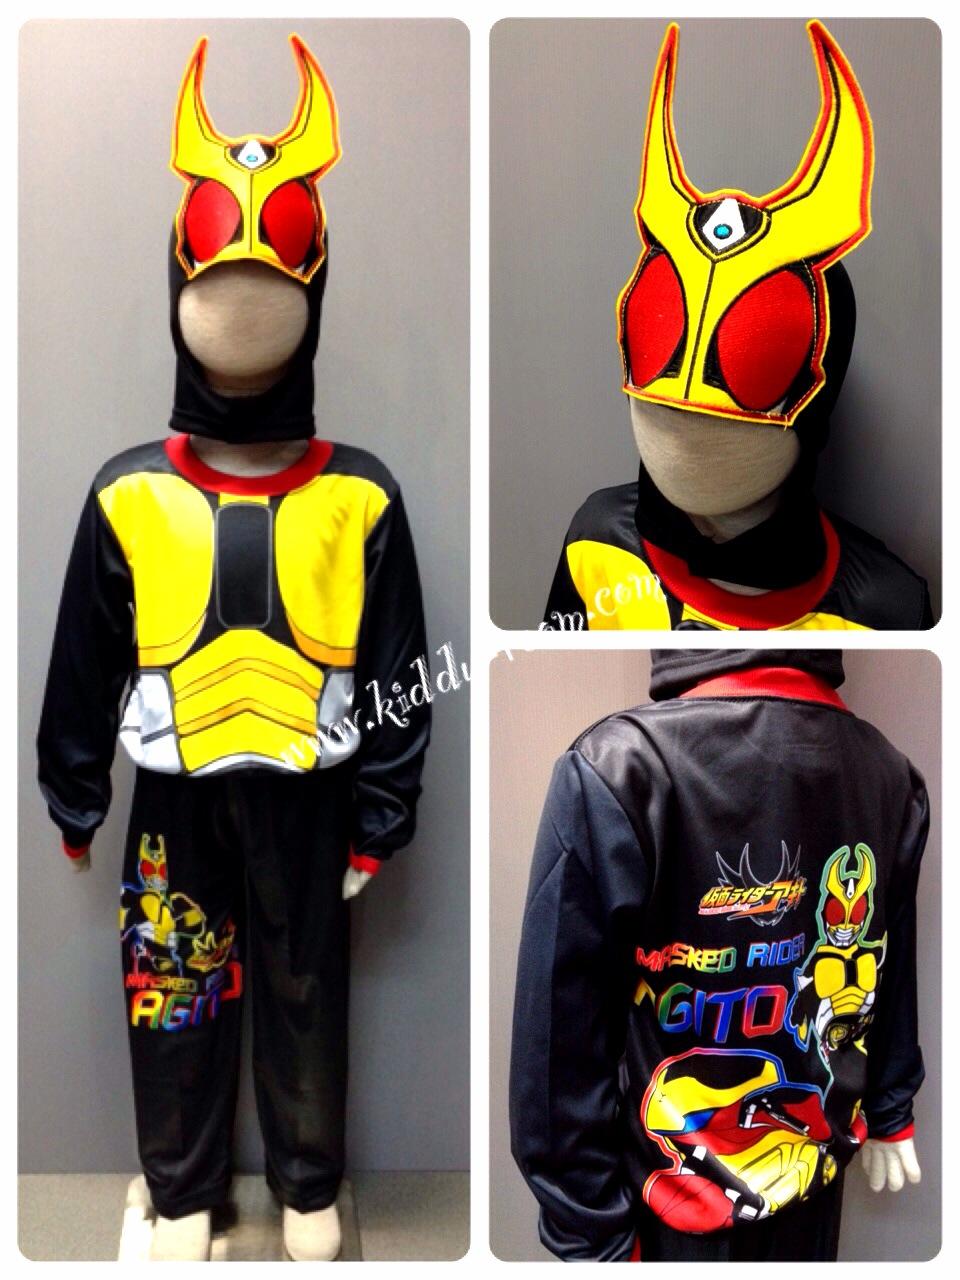 Masked Rider Agito (งานลิขสิทธิ์) ชุดแฟนซีเด็กมาค์ส ไรเดอร์ อากิโตะ 3 ชิ้น เสื้อ กางเกง & หน้ากาก ให้คุณหนูๆ ได้ใส่ตามจิตนาการ ผ้ามัน Polyester ใส่สบายค่ะ หรือจะใส่เป็นชุดนอนก็ได้ค่ะsize S, M, L, XL